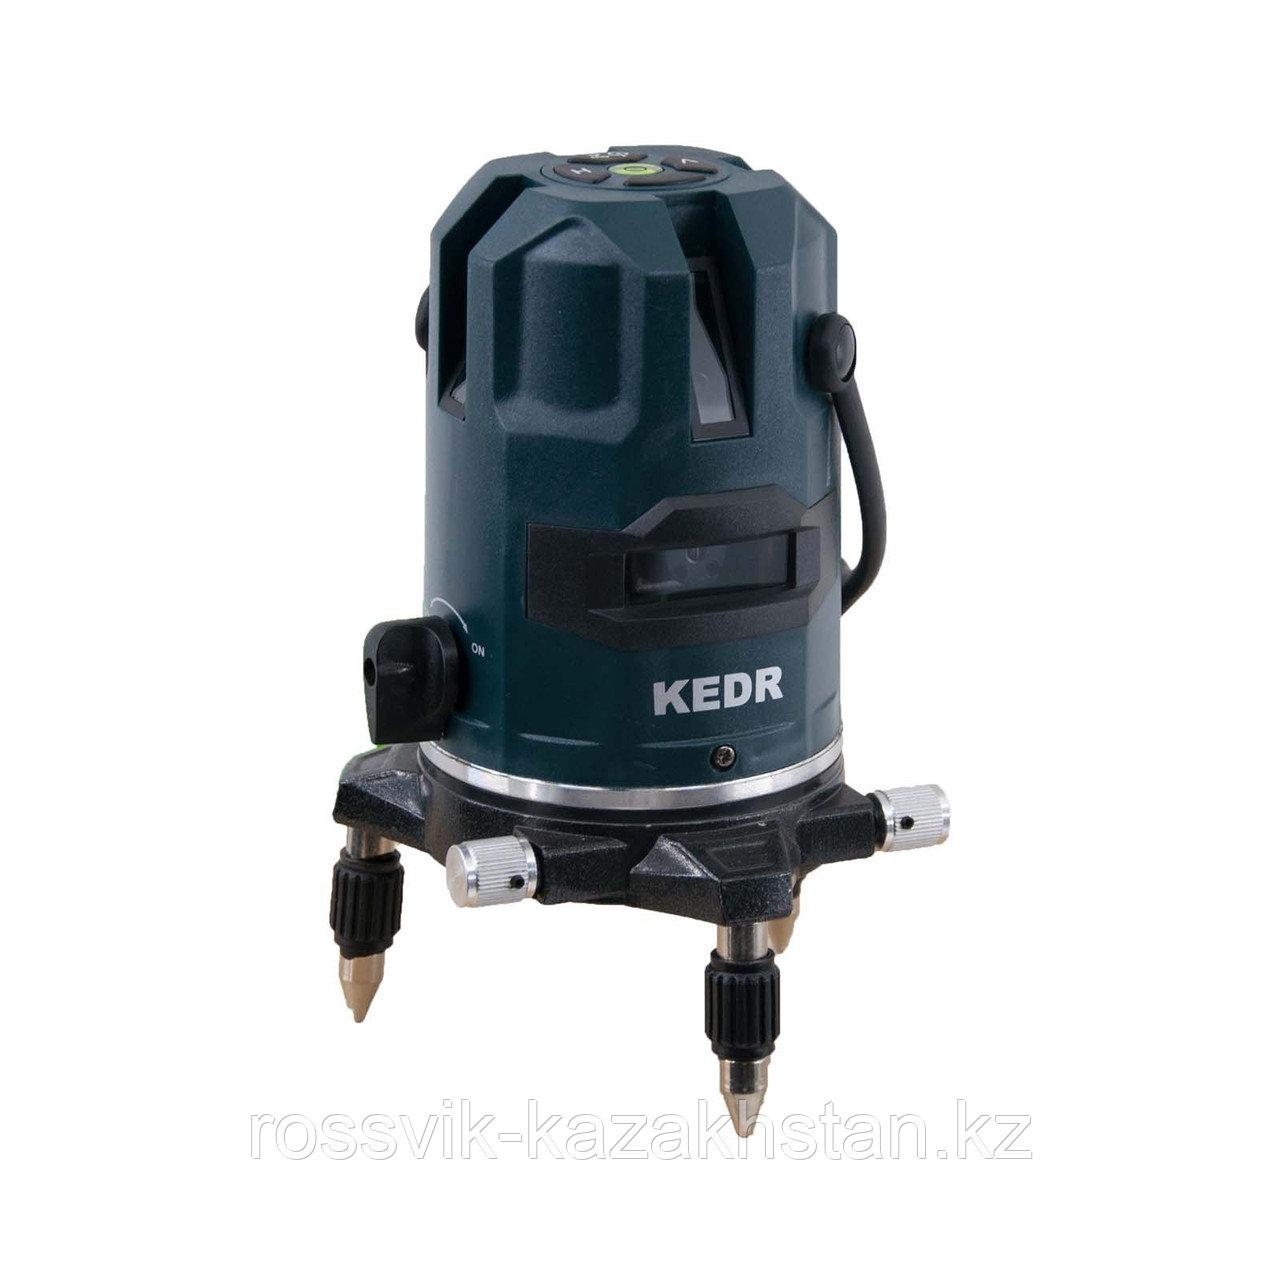 Уровень лазерный,  Кедр KLY-5K